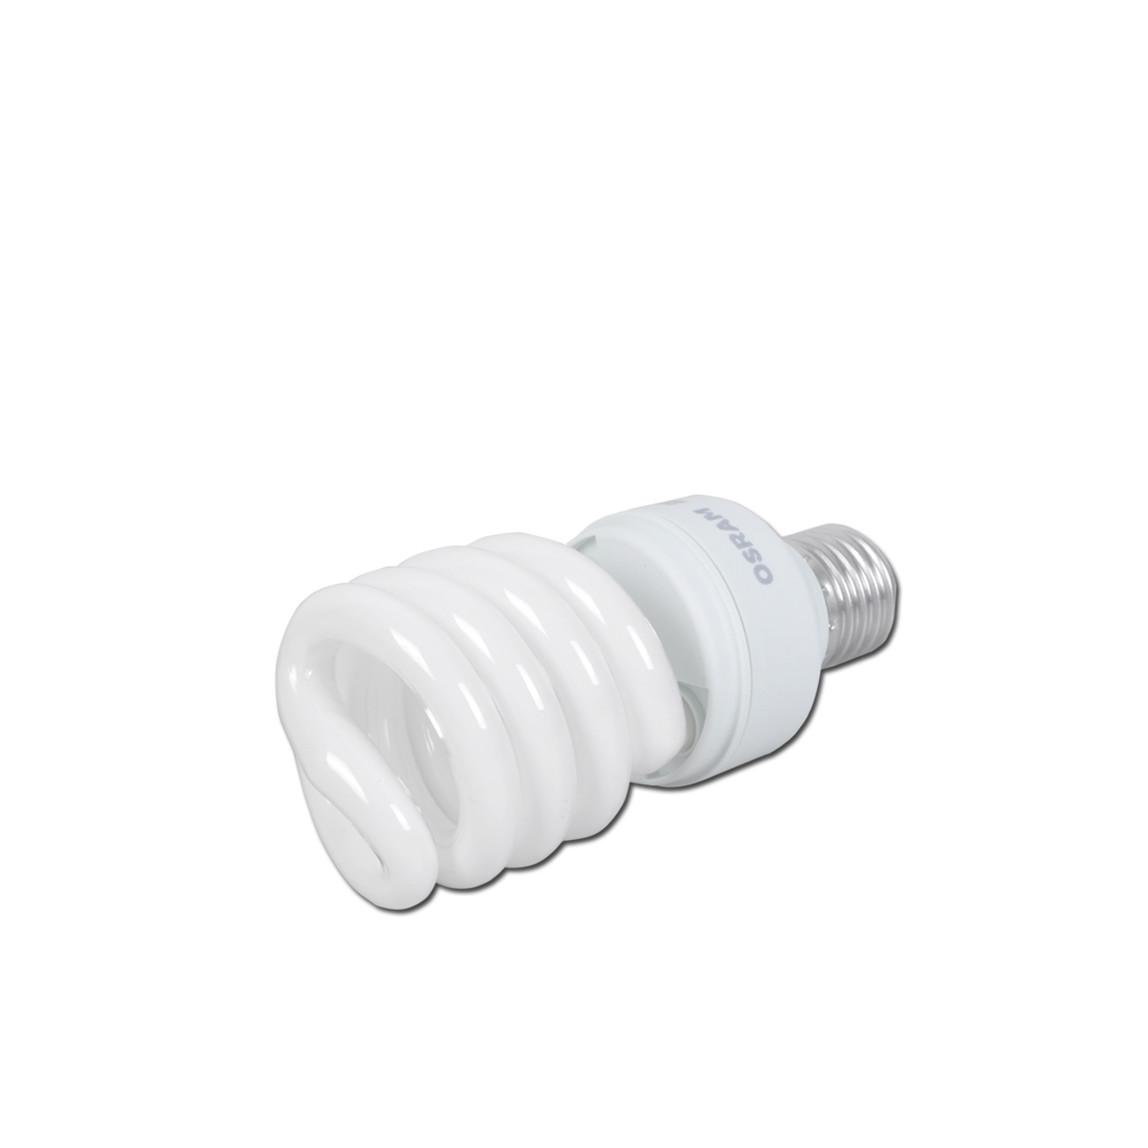 Osram 3'Lü 23W Mini Spiral Enerji Tasarruflu Ampul Beyaz Işık